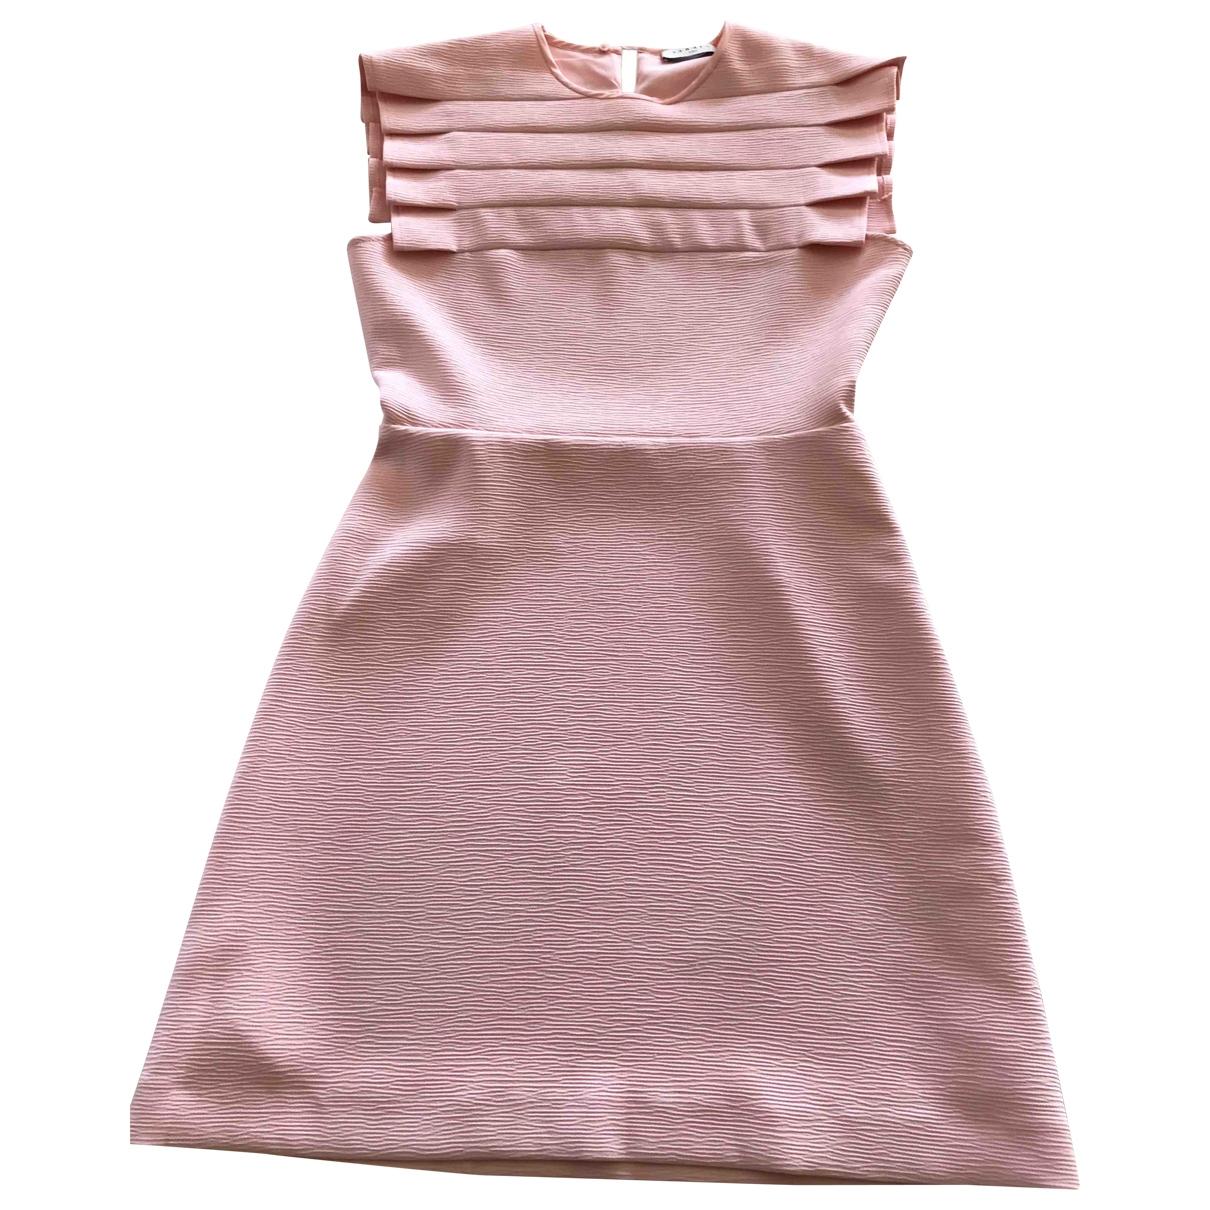 Sandro \N Pink dress for Women 38 FR